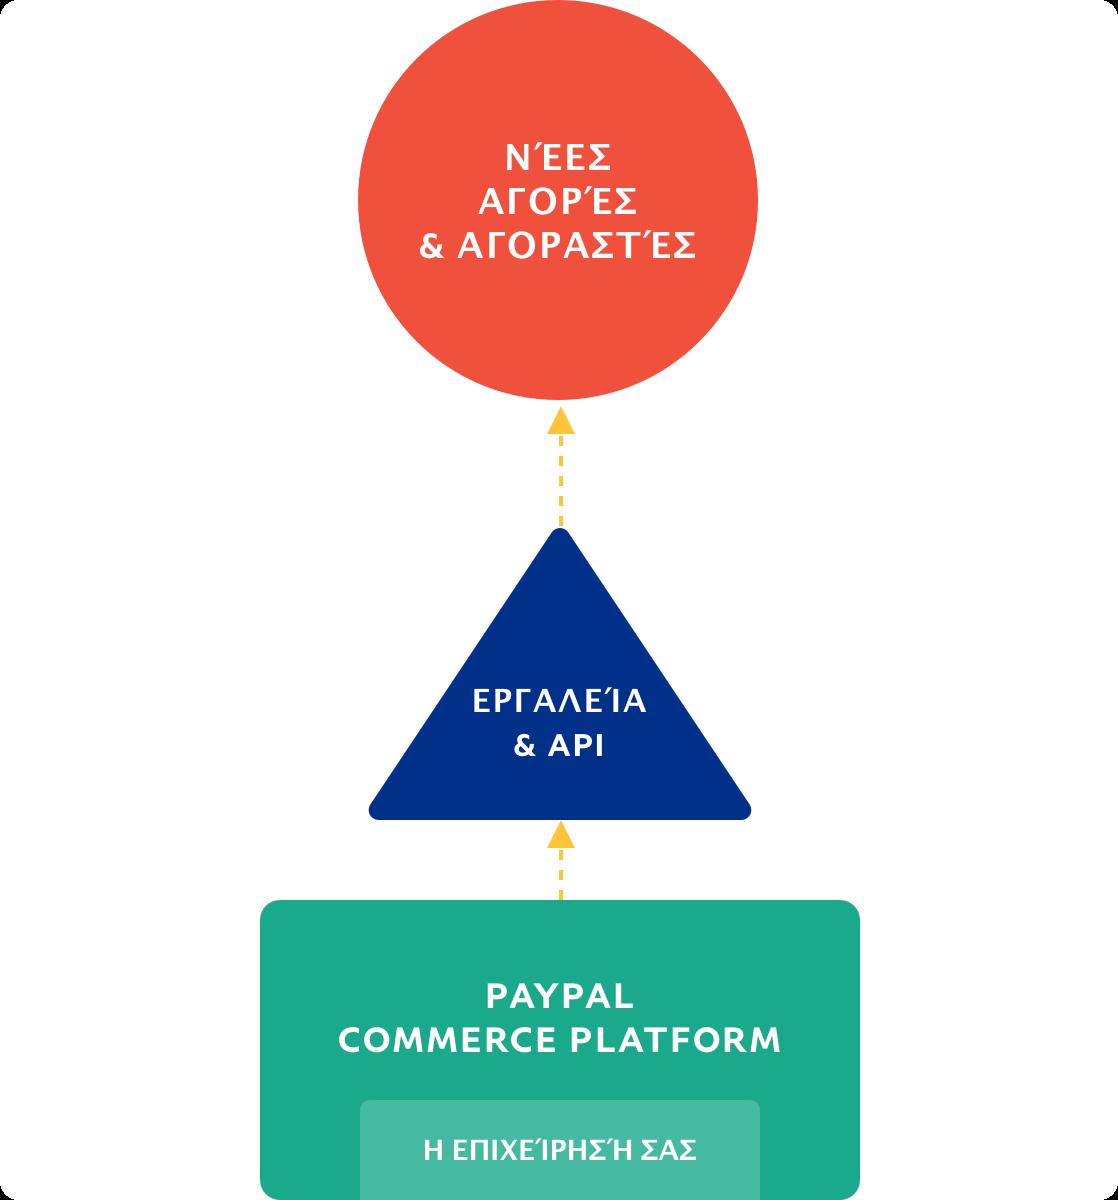 Διάγραμμα ροής που απεικονίζει τη ροή από την επιχείρηση προς νέες αγορές και αγοραστές.